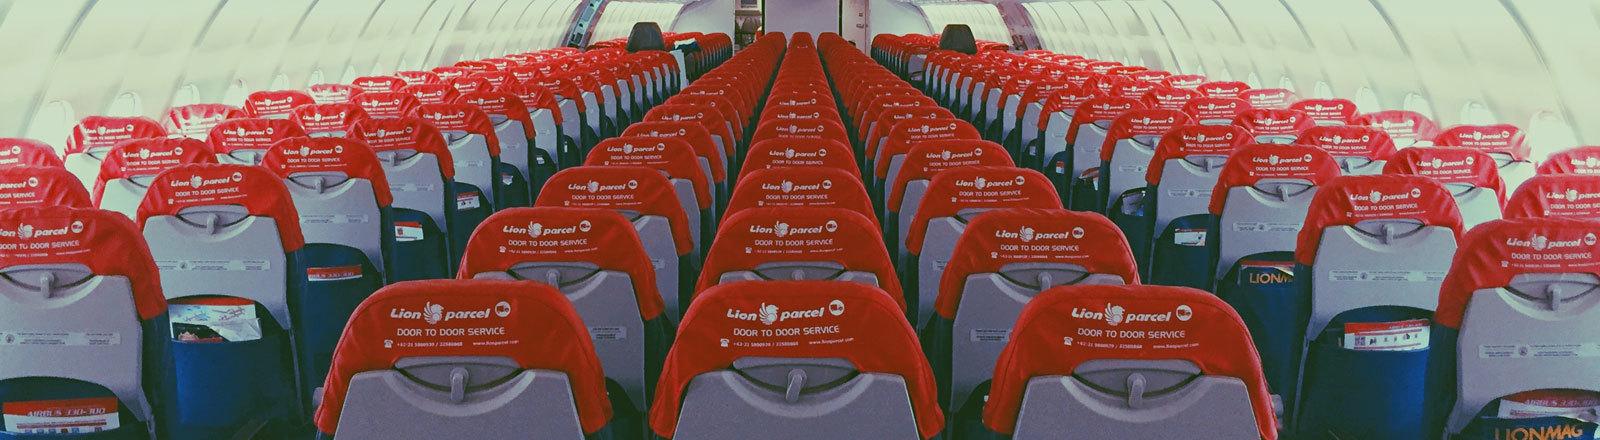 Blick in ein Flugzeug ohne Passagiere.